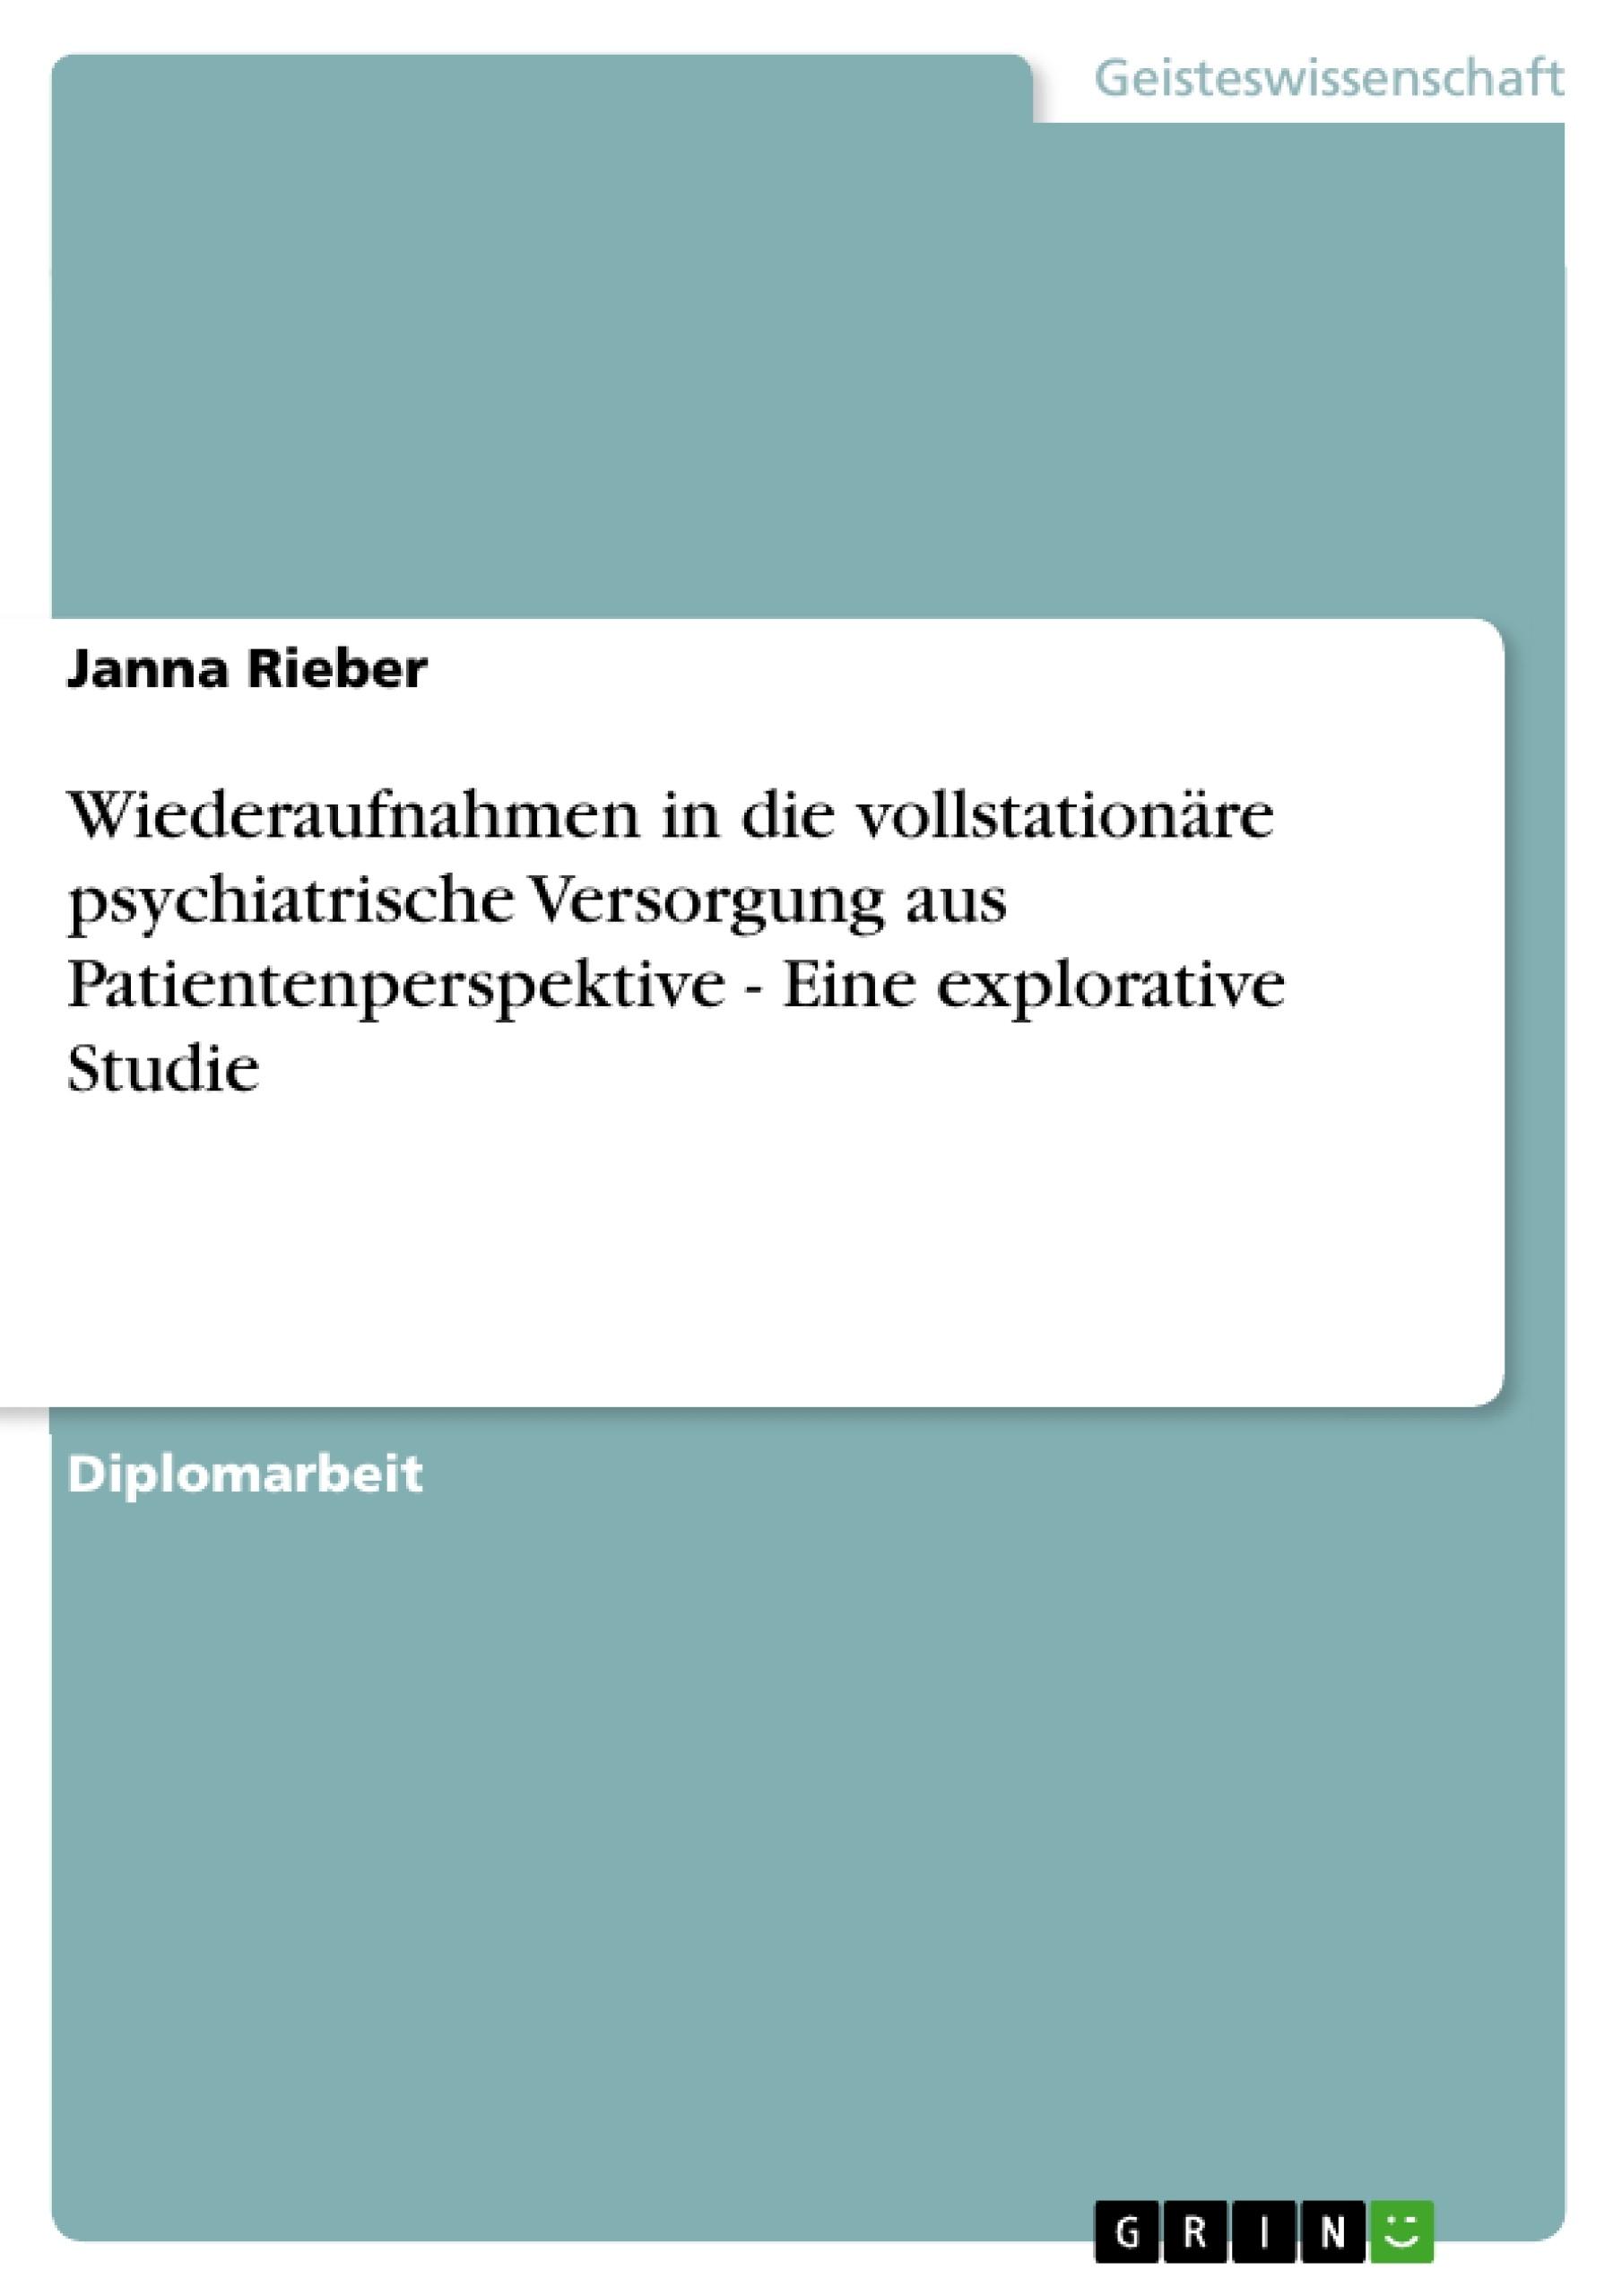 Titel: Wiederaufnahmen in die vollstationäre psychiatrische Versorgung aus Patientenperspektive - Eine explorative Studie